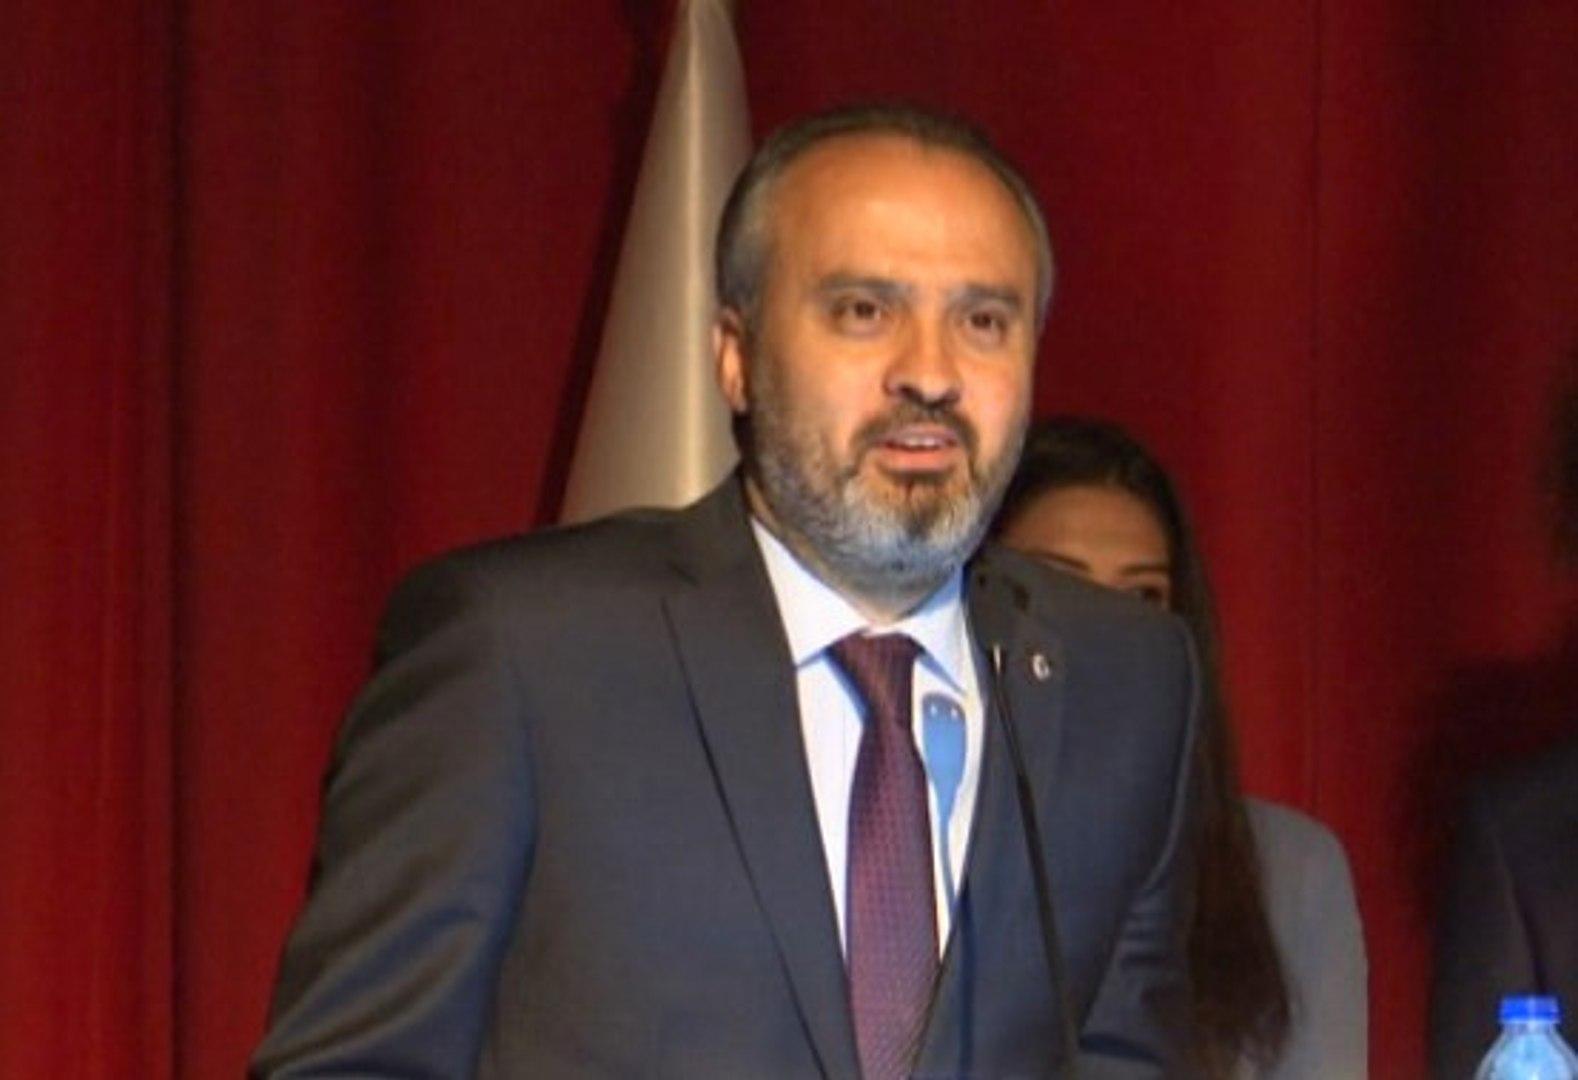 Bursa Belediye Başkanı, Metro Ulaşımına İkinci Kez İndirim Yapılacağını Açıkladı